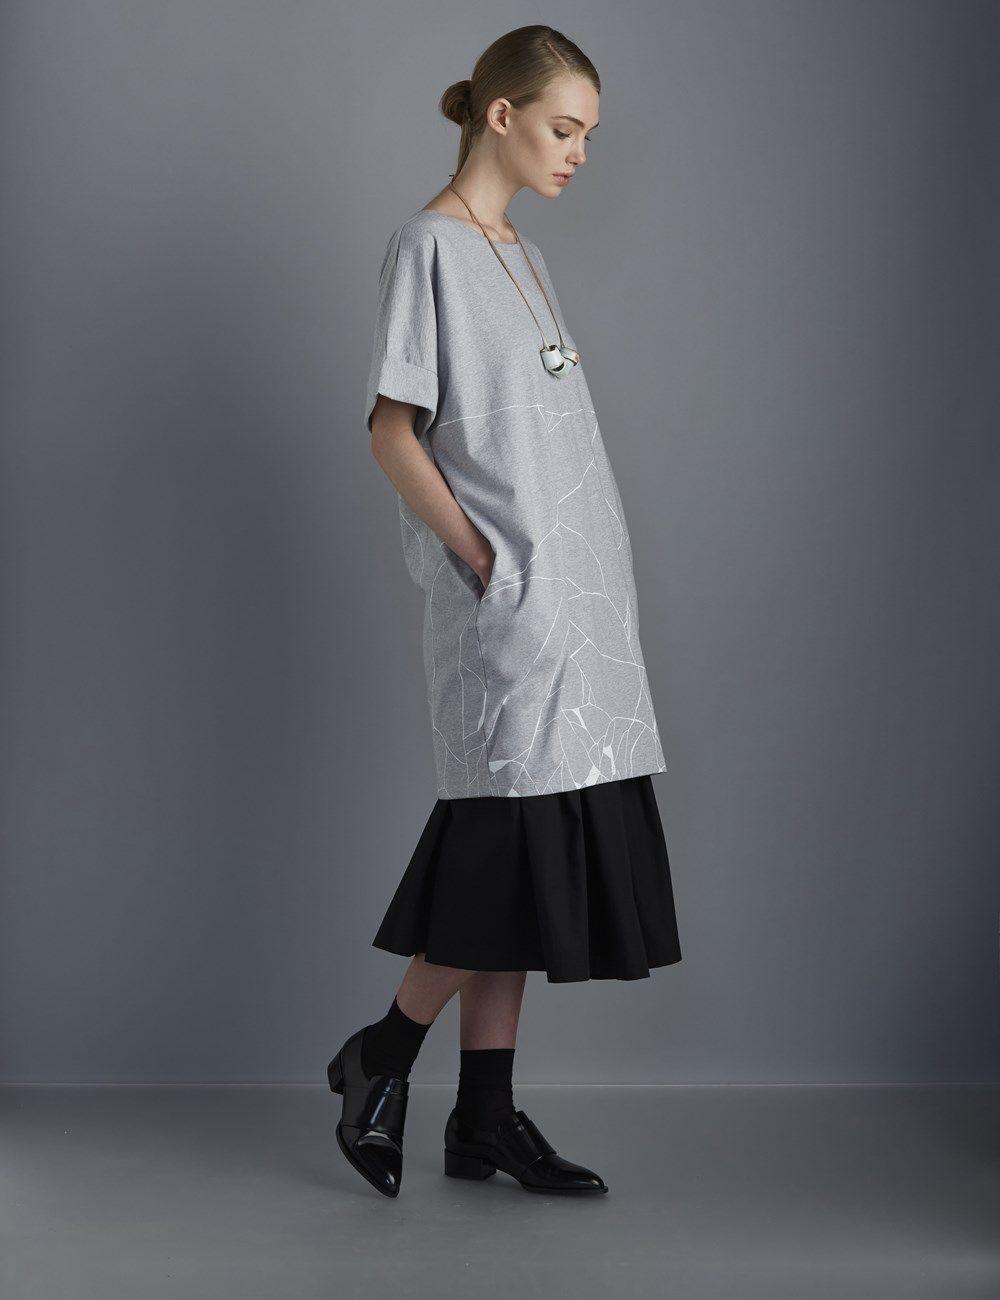 Kitsungi Organic Cotton Dress by Kowtow | Gather&See